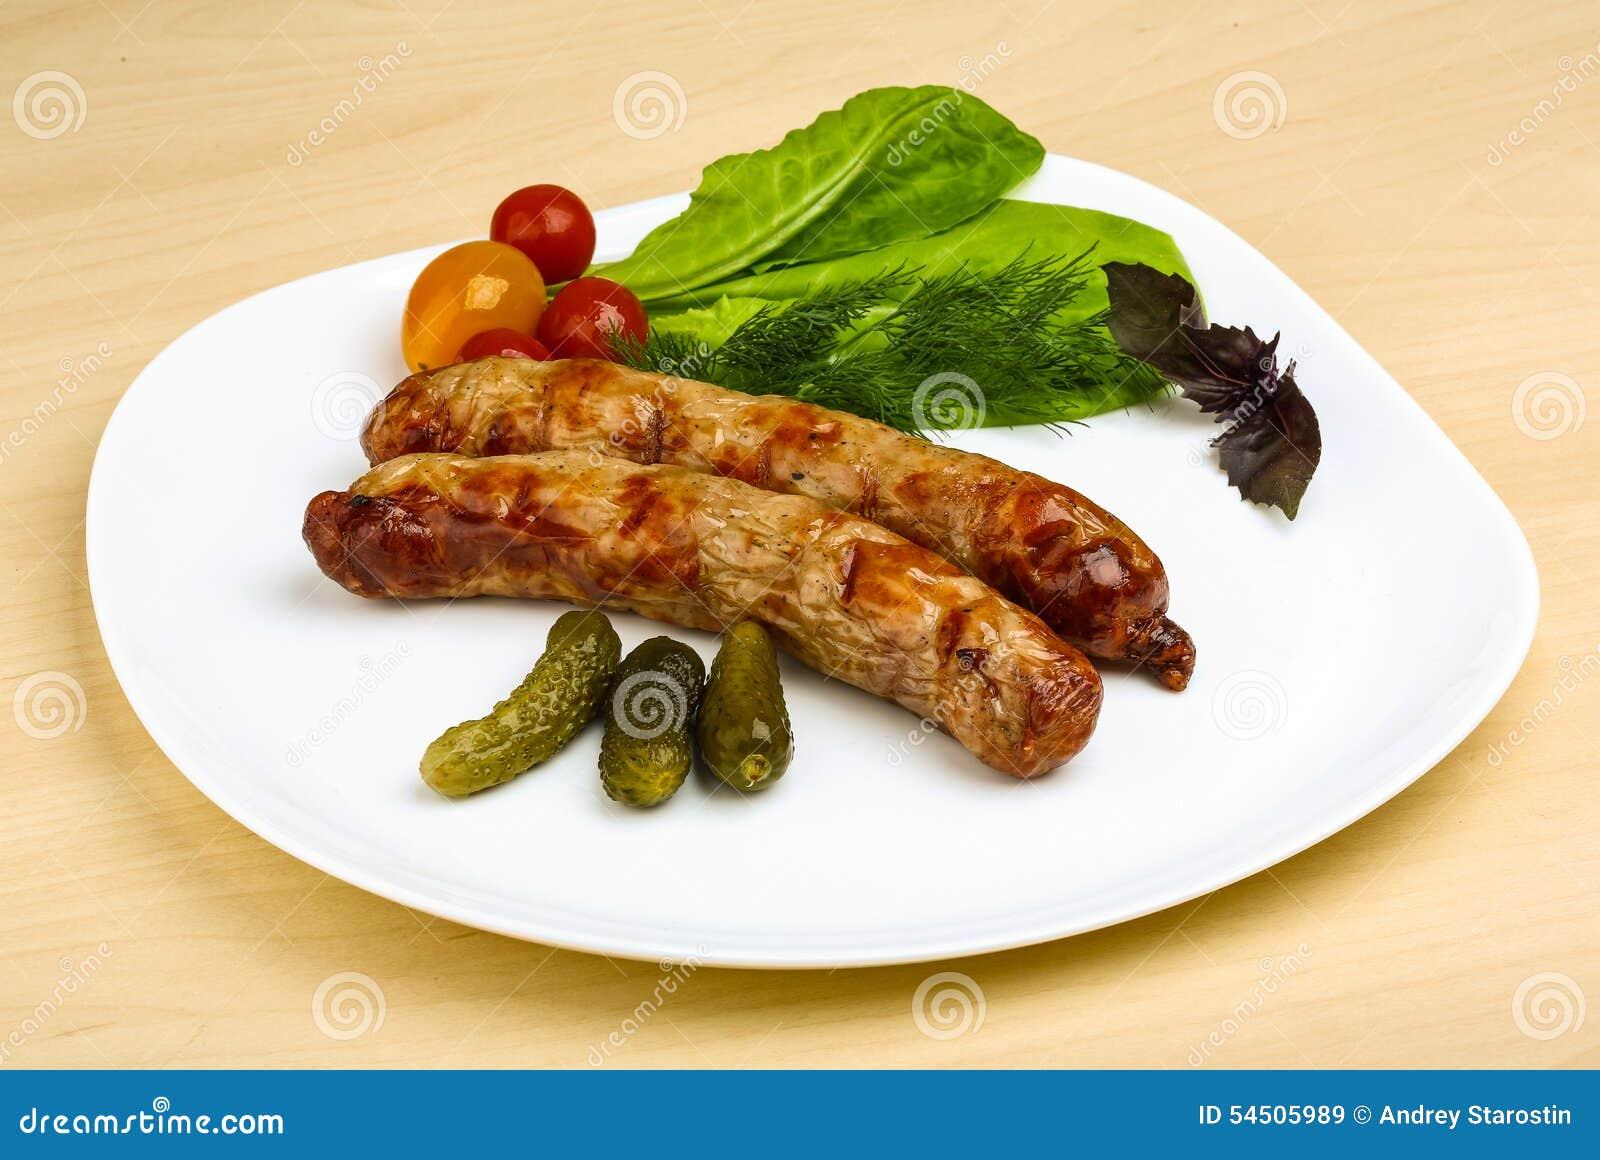 Saucisses grillées